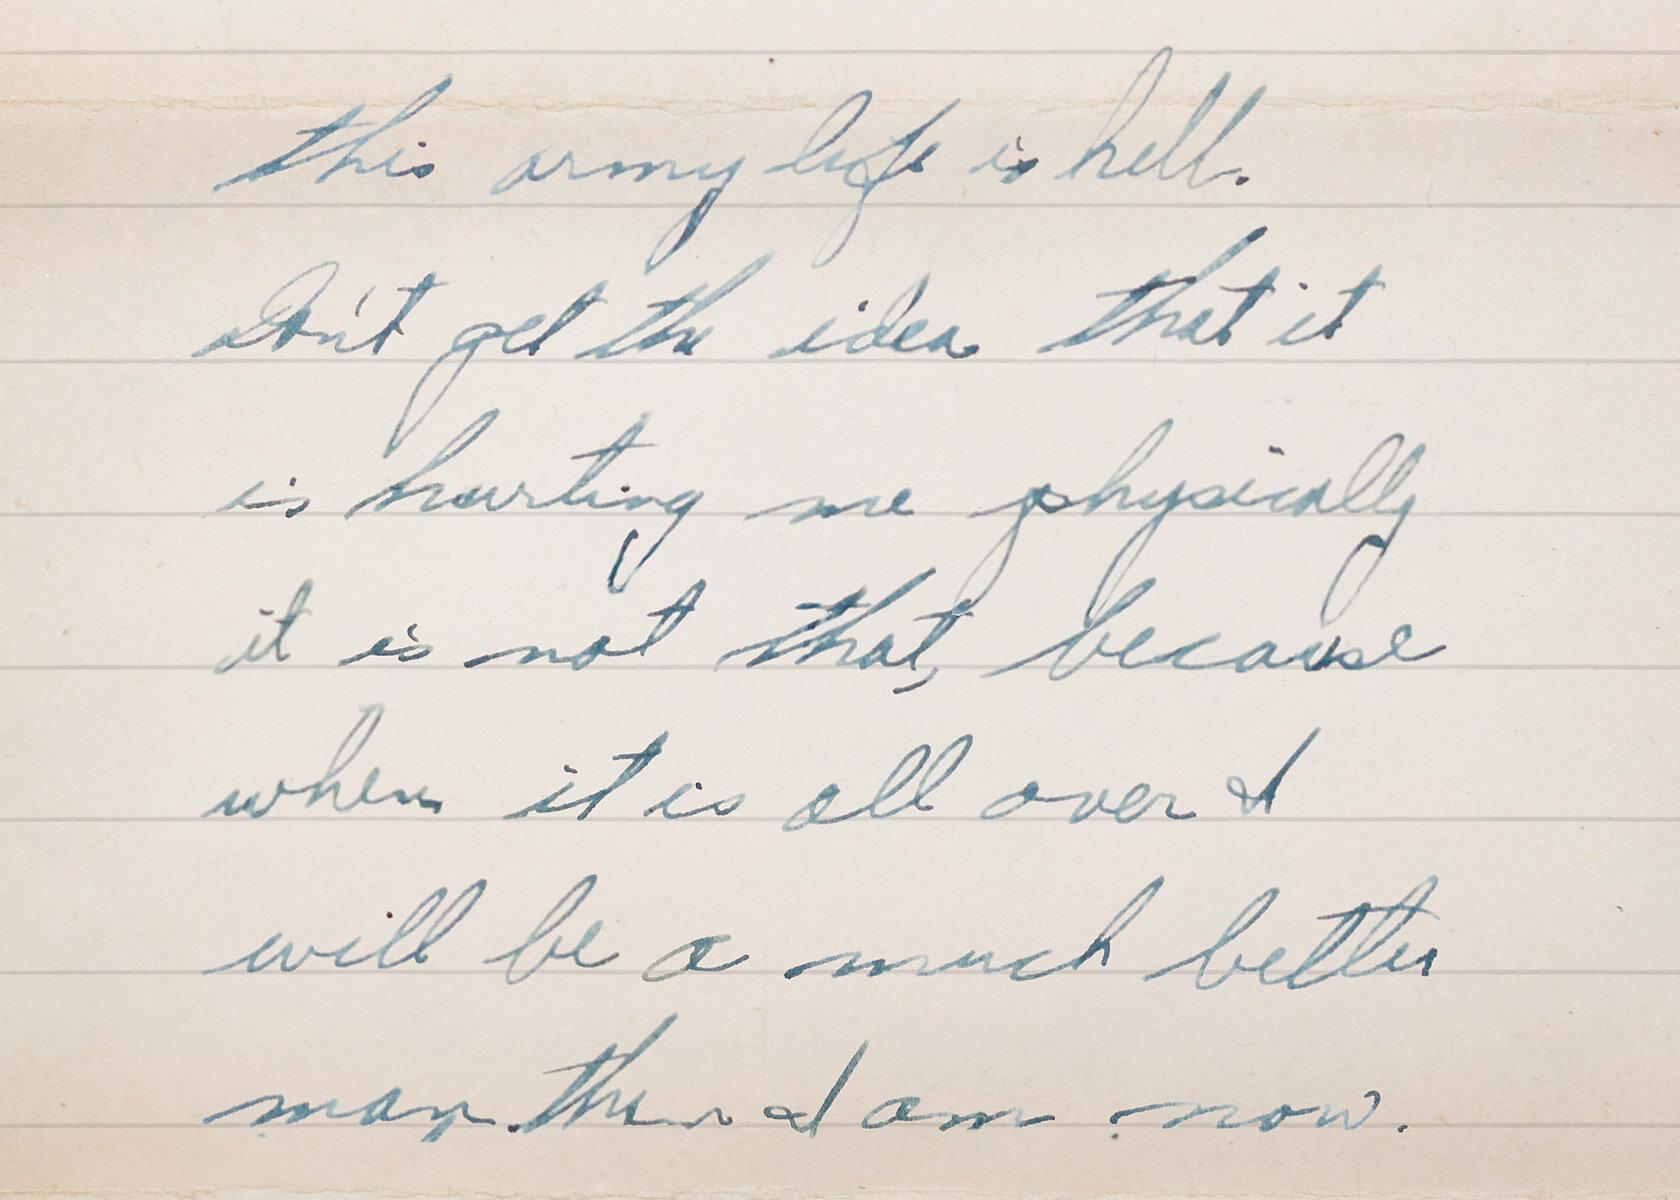 Letter_19430706_MDP_20150627_5575.jpg